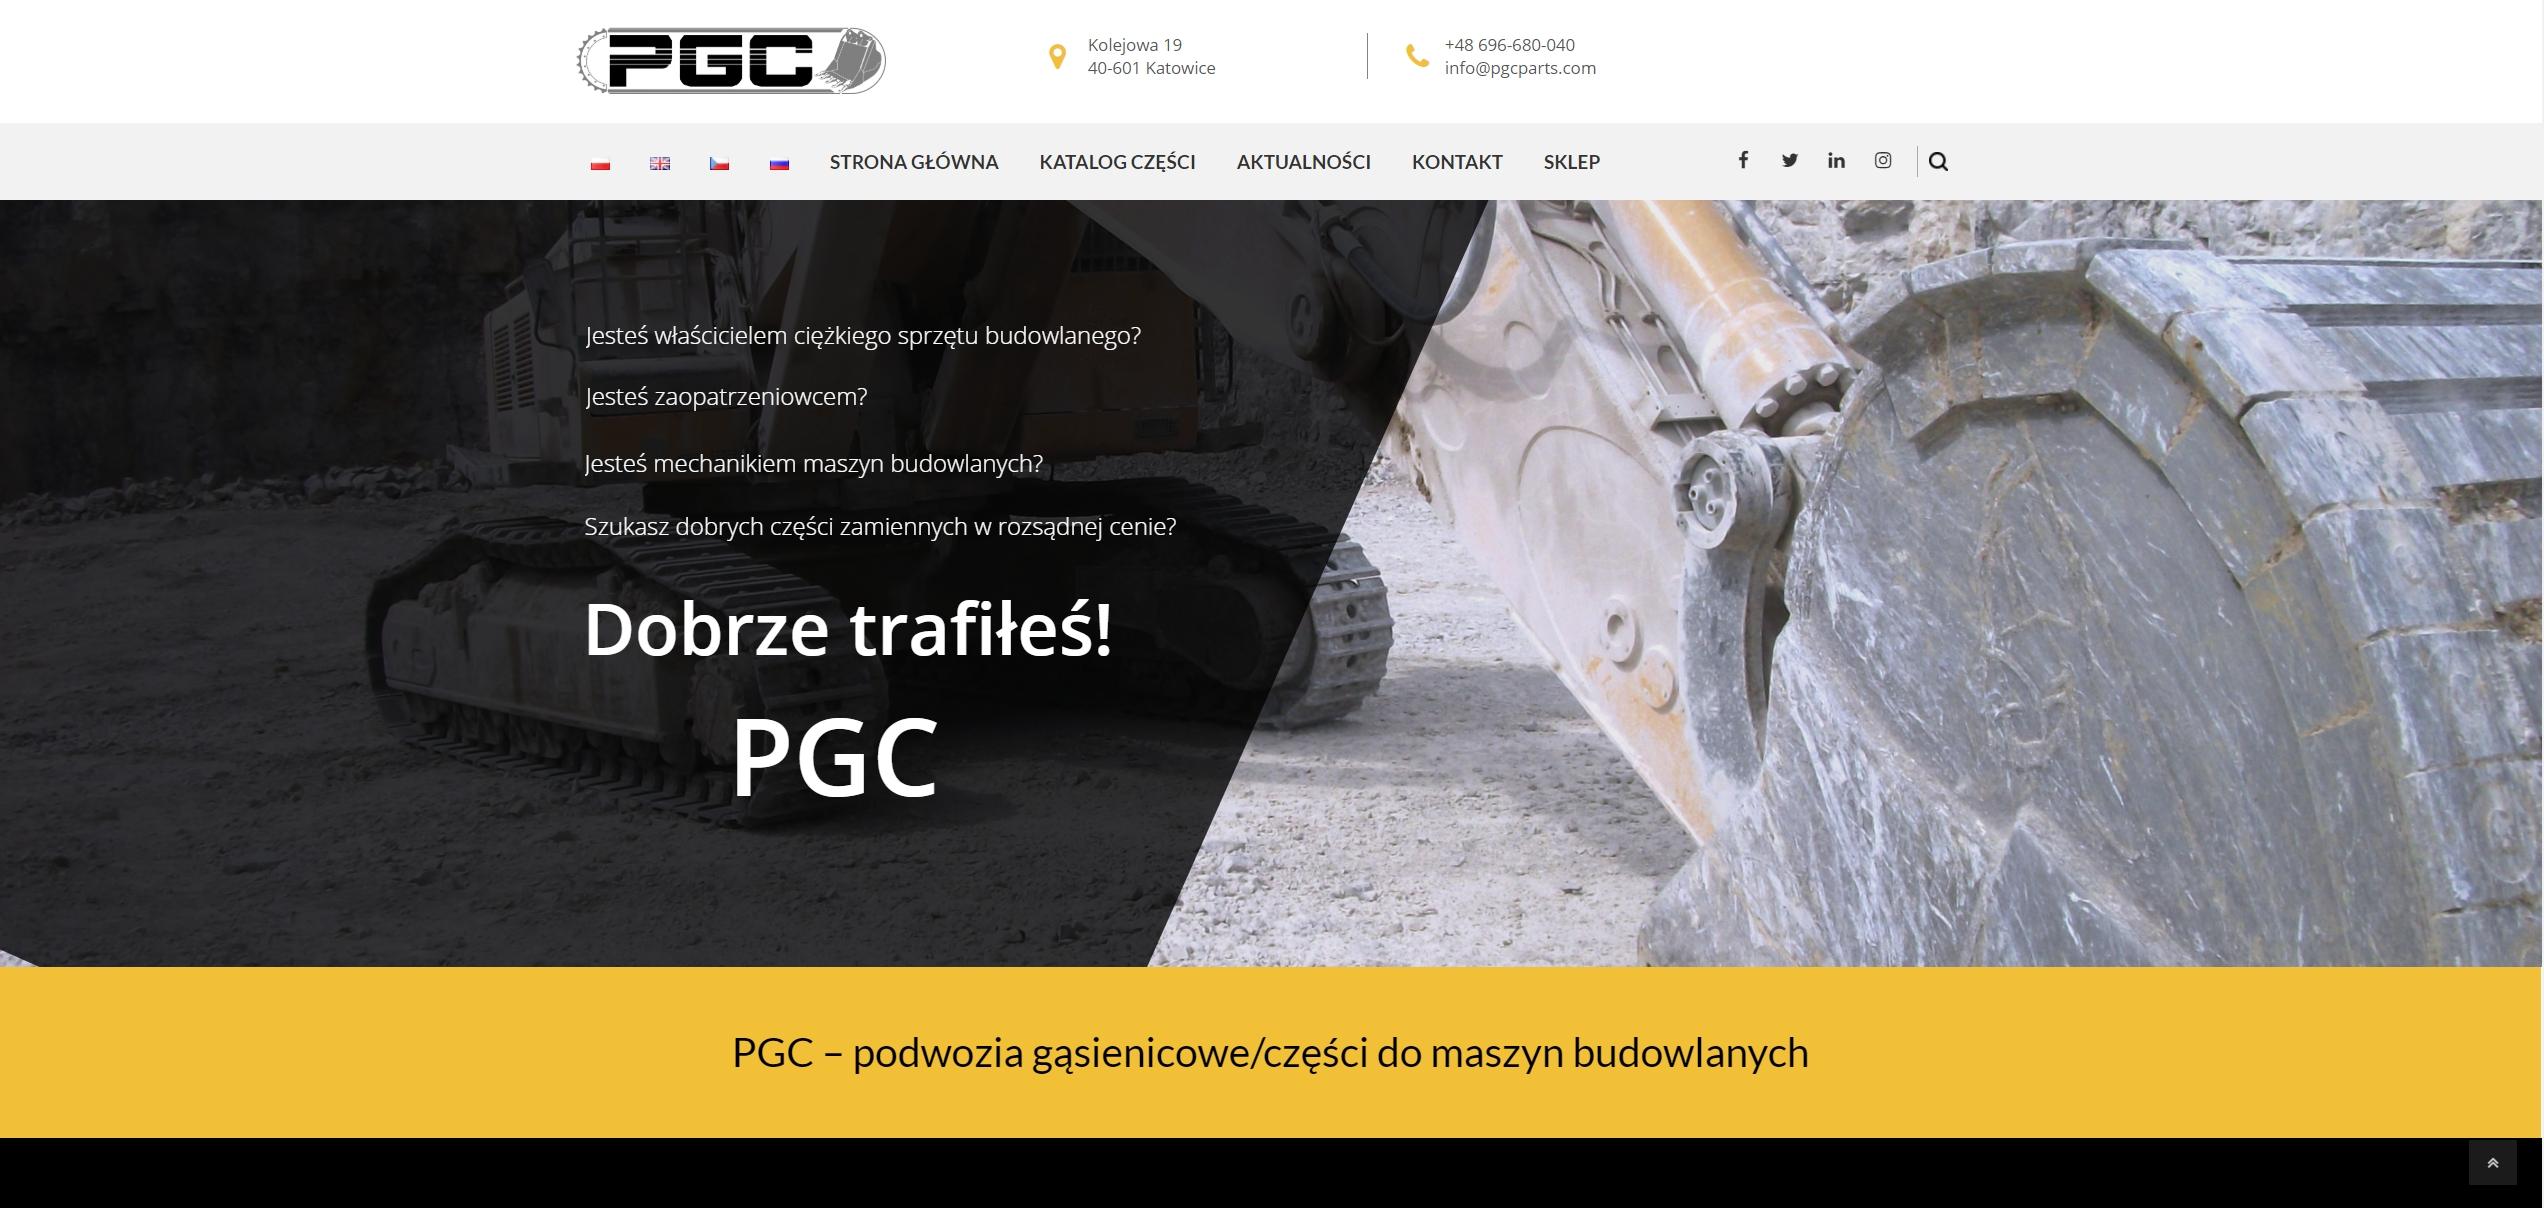 PGC Parts